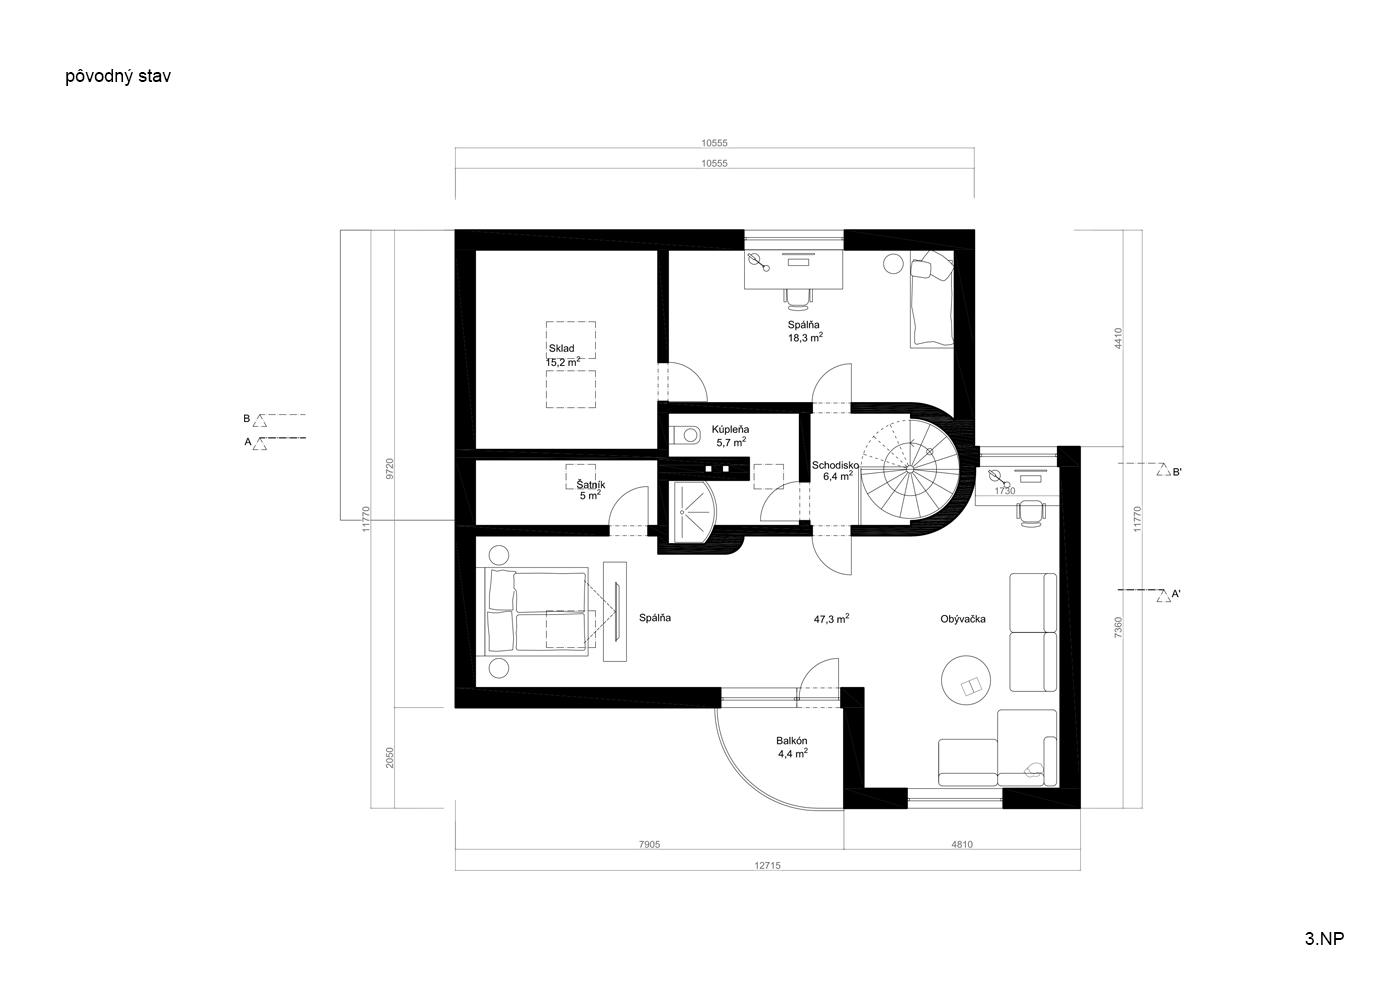 noiz-architekti-cervenova-09